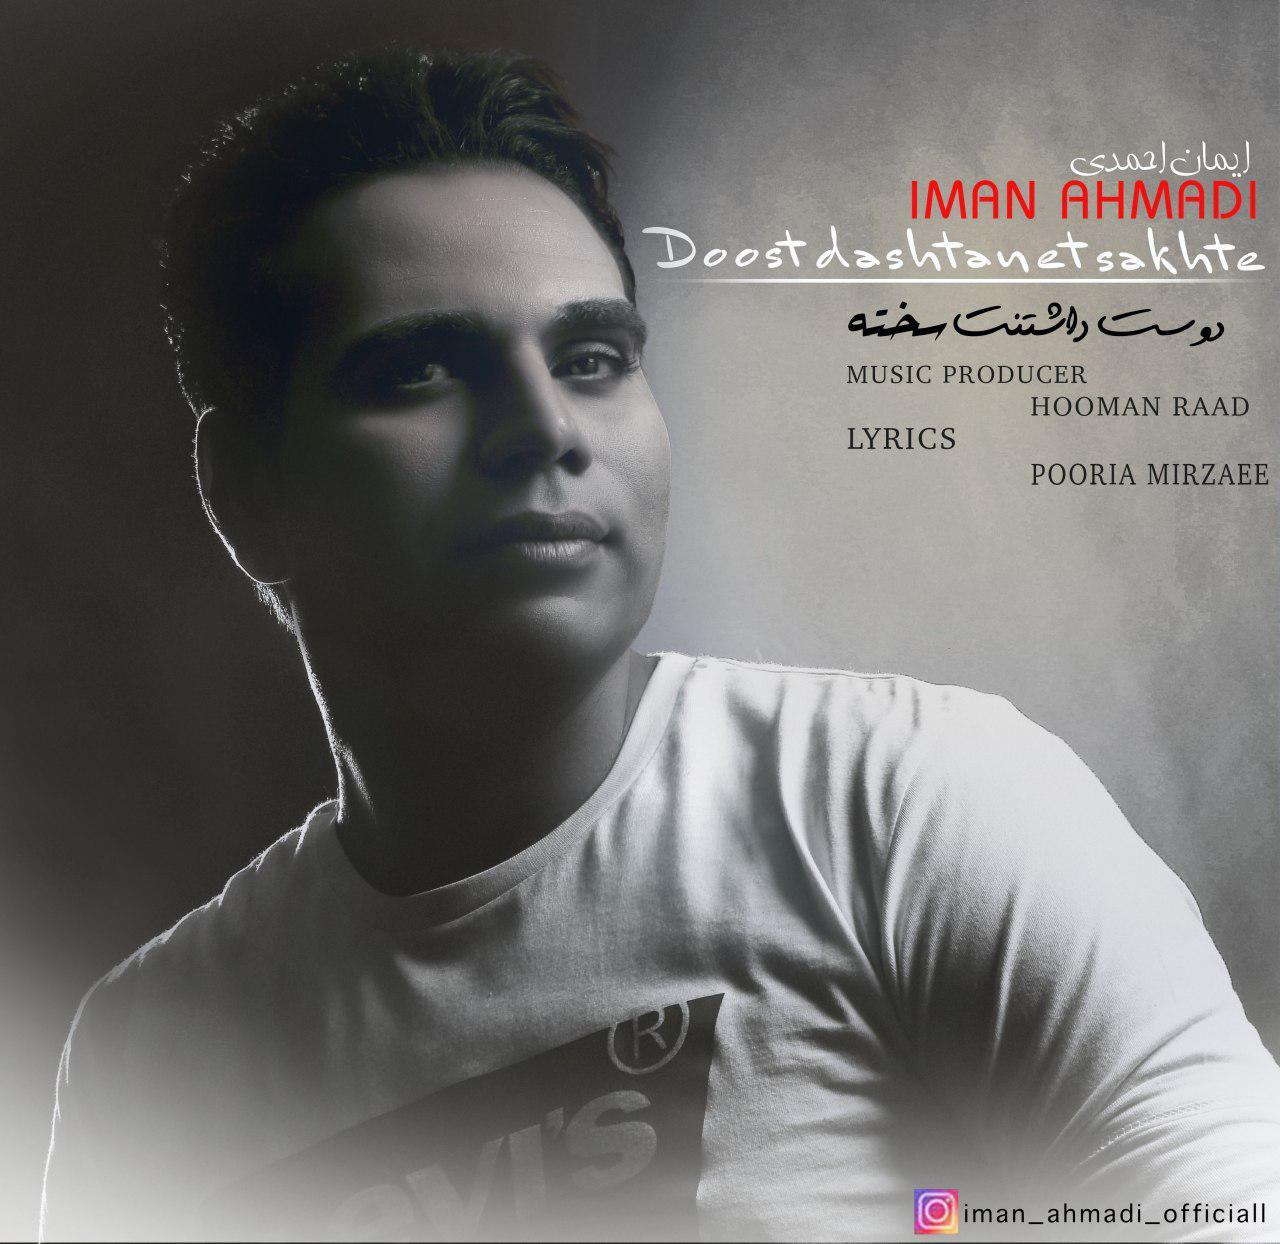 Iman Ahmadi – Doost Dashtanet Sakhte